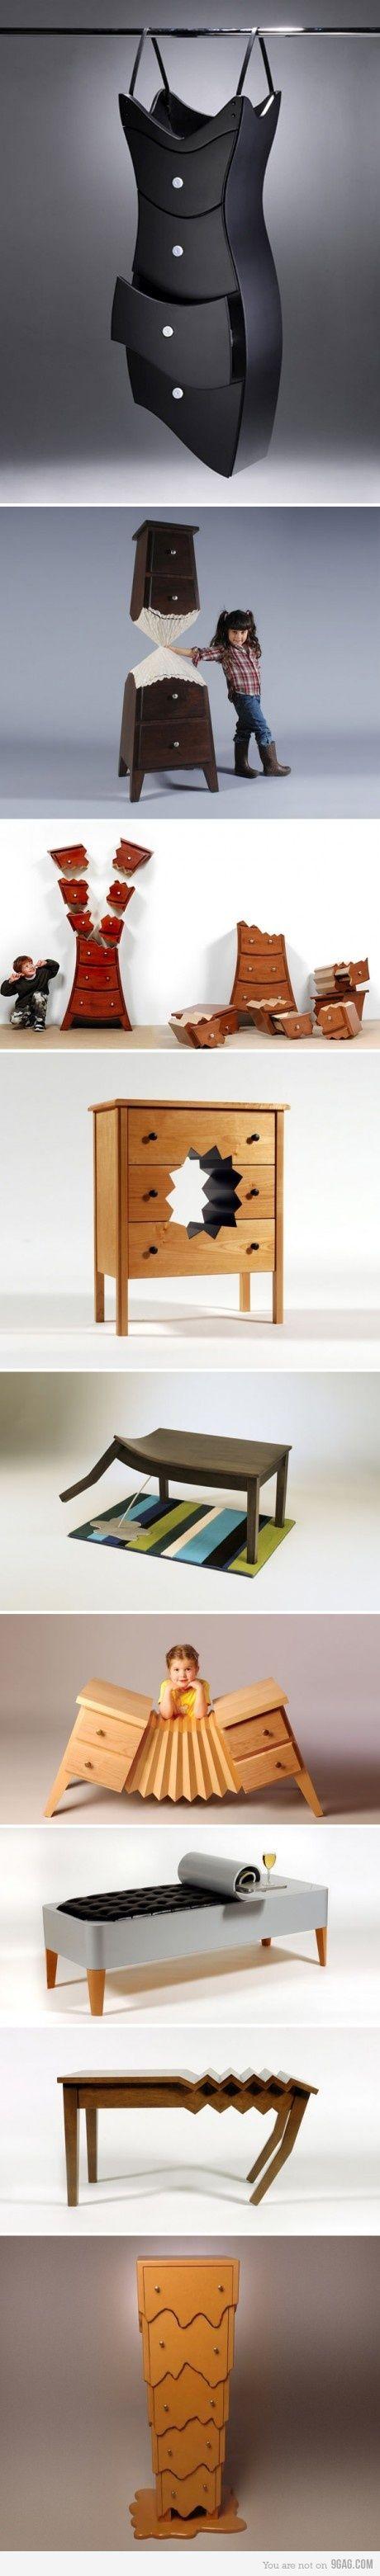 50 sleek funky and weird chair designs webdesigner depot and weird - Weird And Wacky Furniture